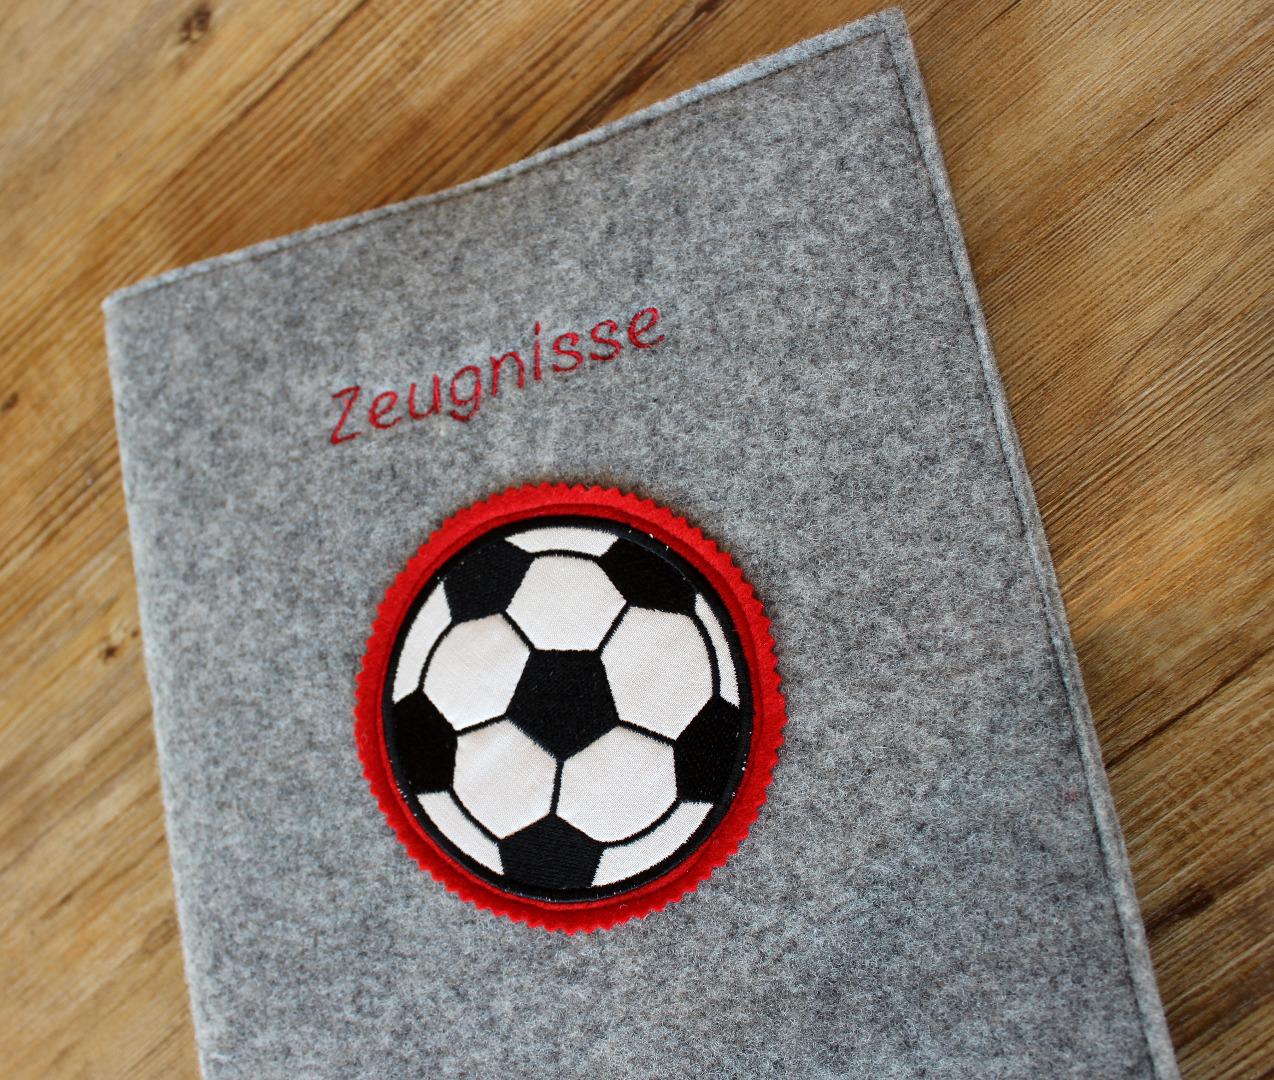 Zeugnismappe aus Wollfilz mit Fußballstickerei 2